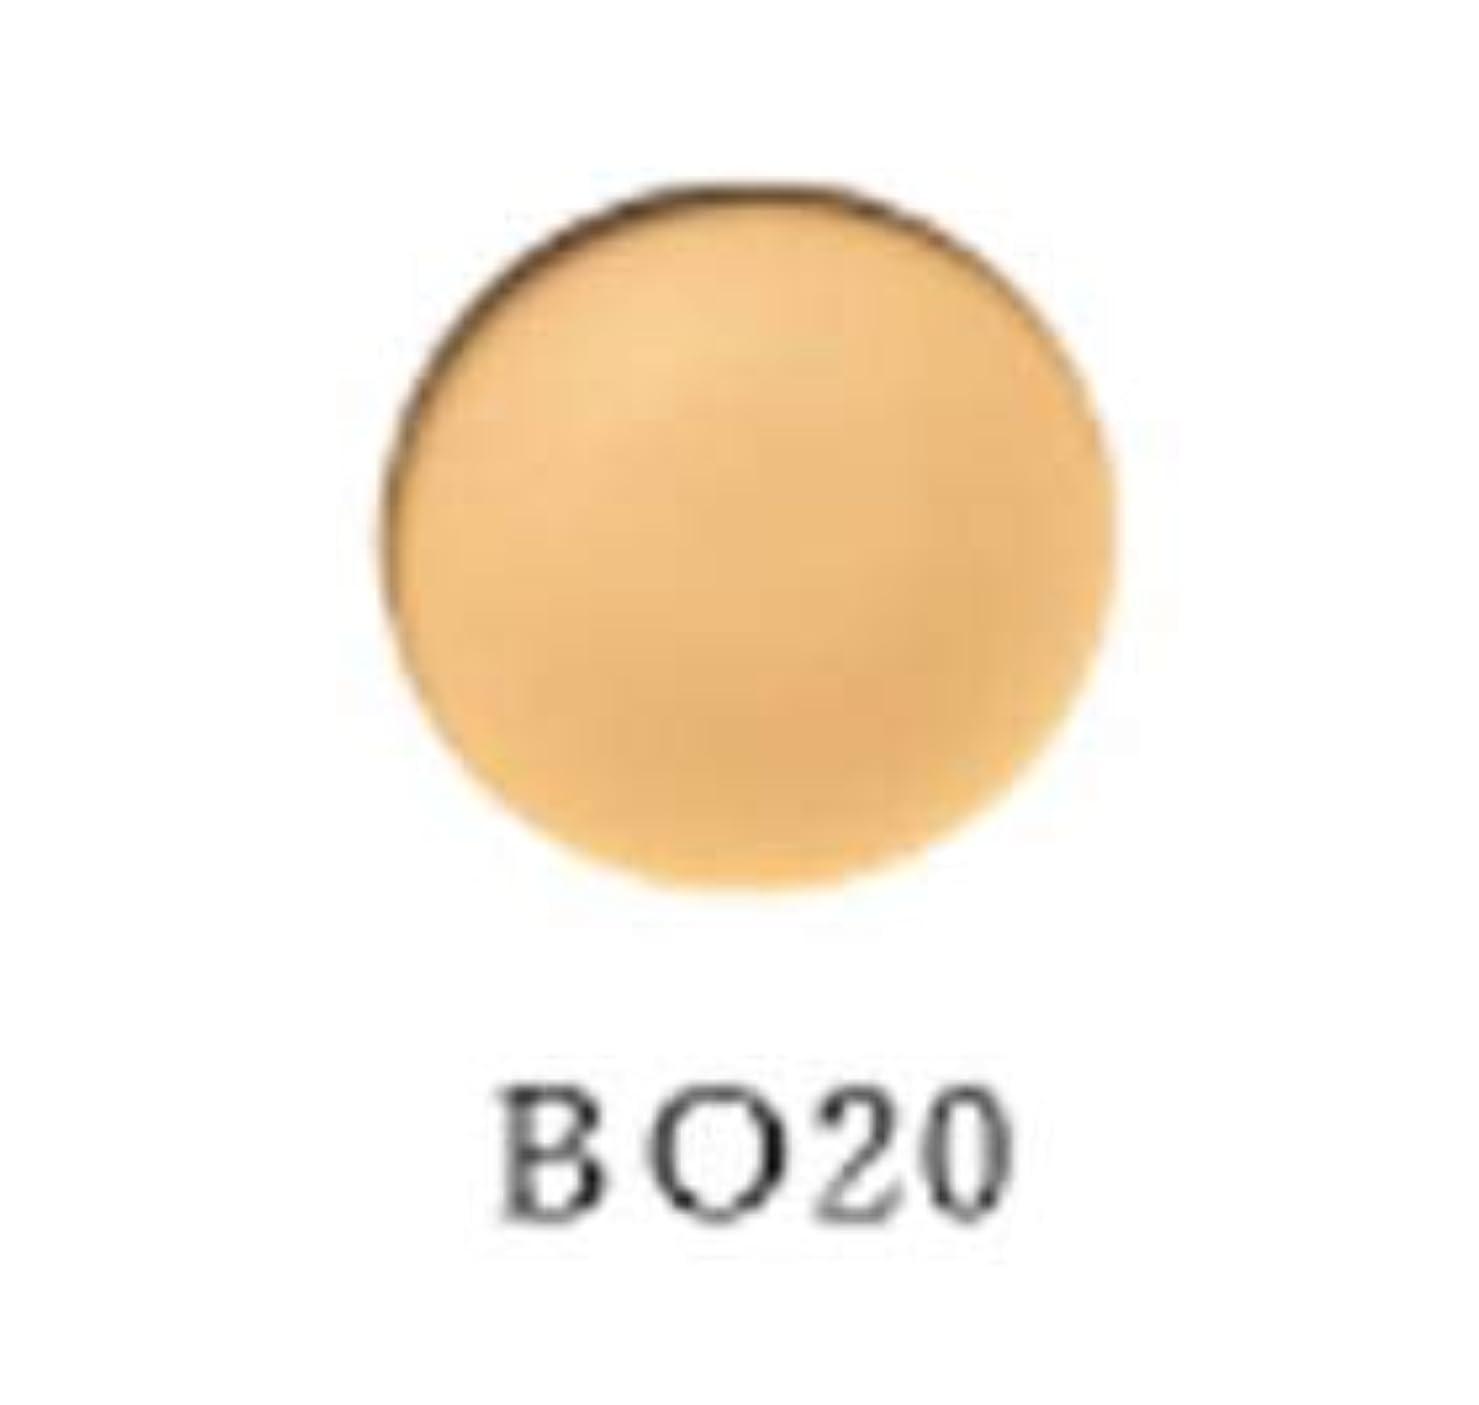 ジョセフバンクスシンク東ティモールオリリー スーペリアカバーEX(リフィル) BO20<ケース別売>